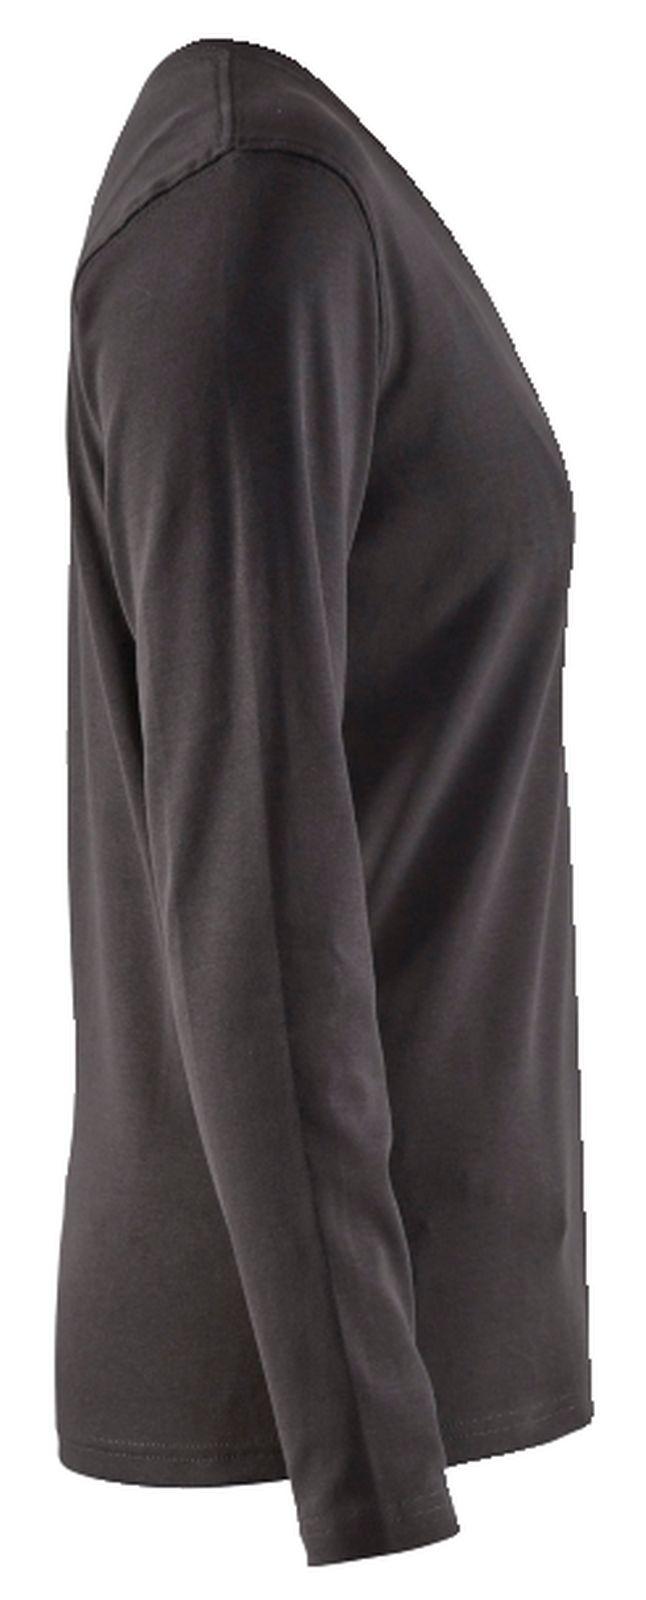 Blaklader Dames T-shirts 33011032 donkergrijs(9800)